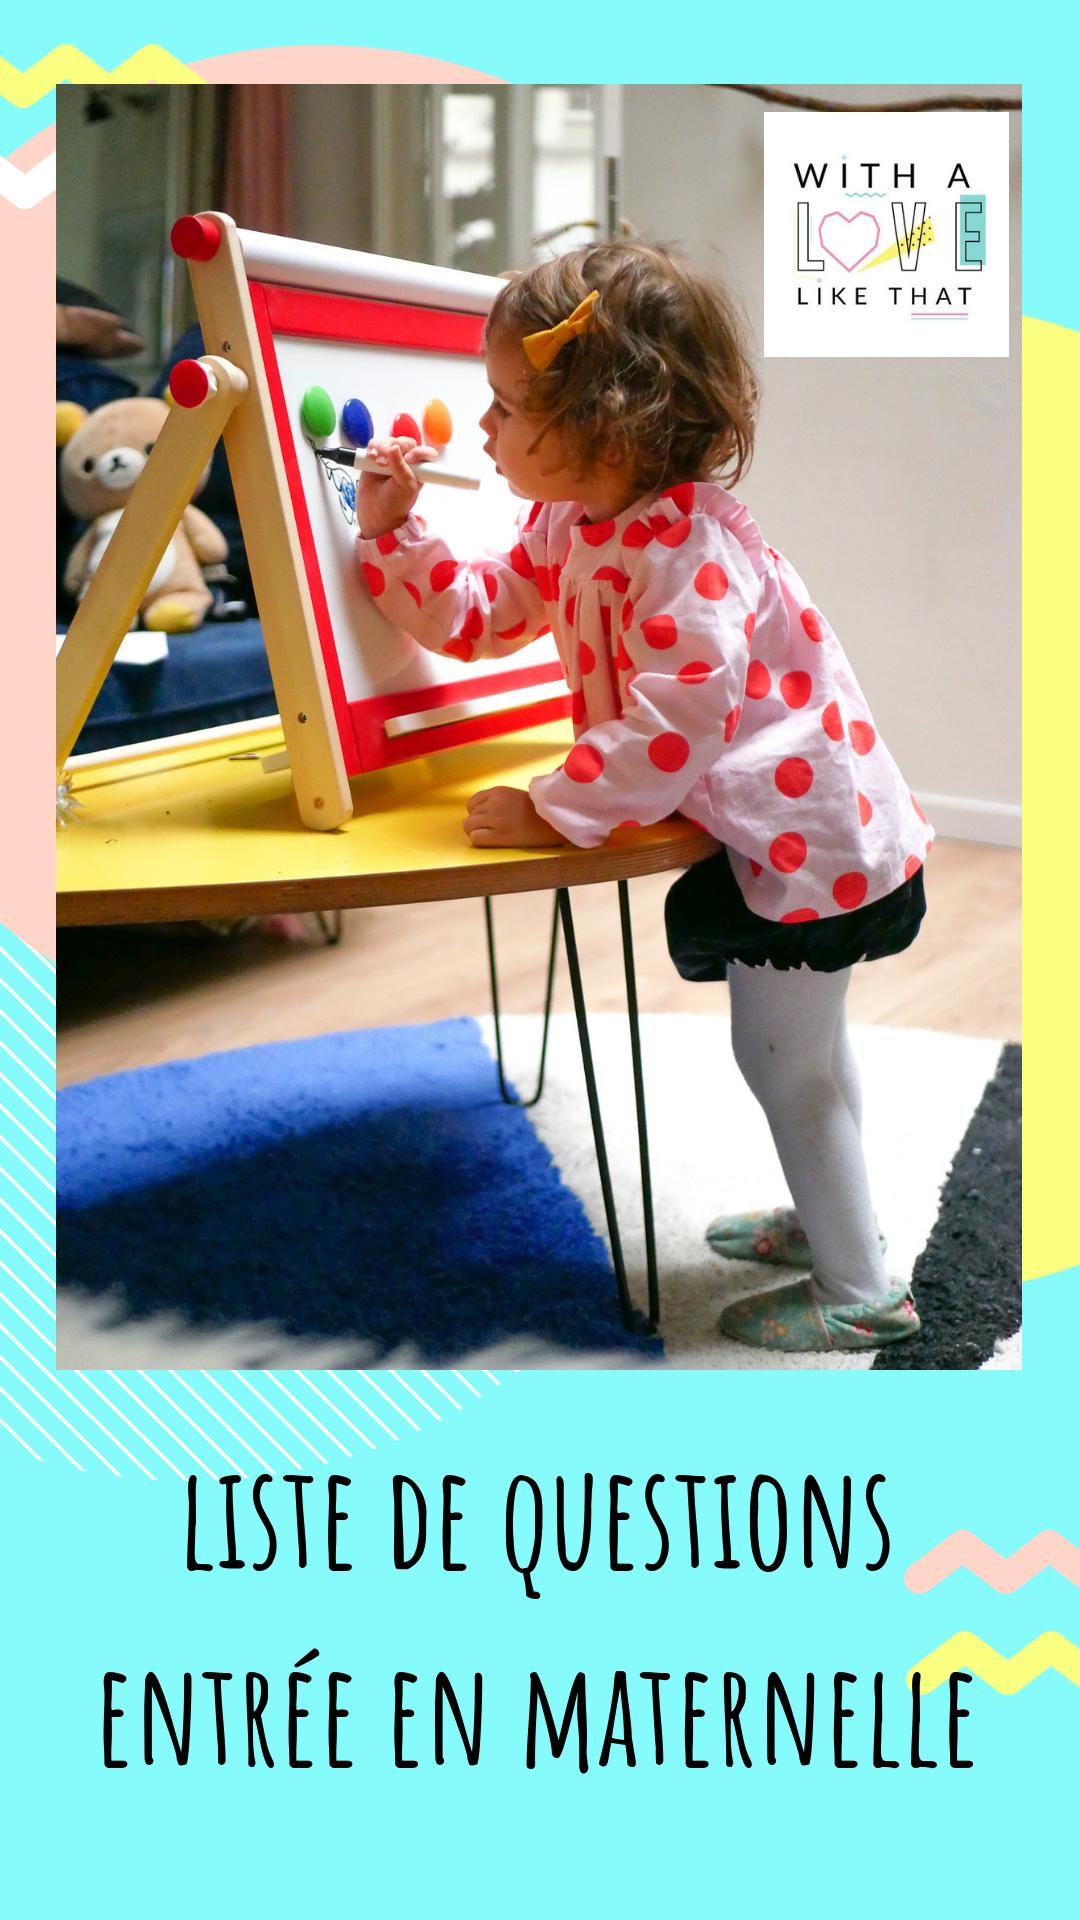 liste questions entrée en maternelle / plus sur withalovelikethat.fr